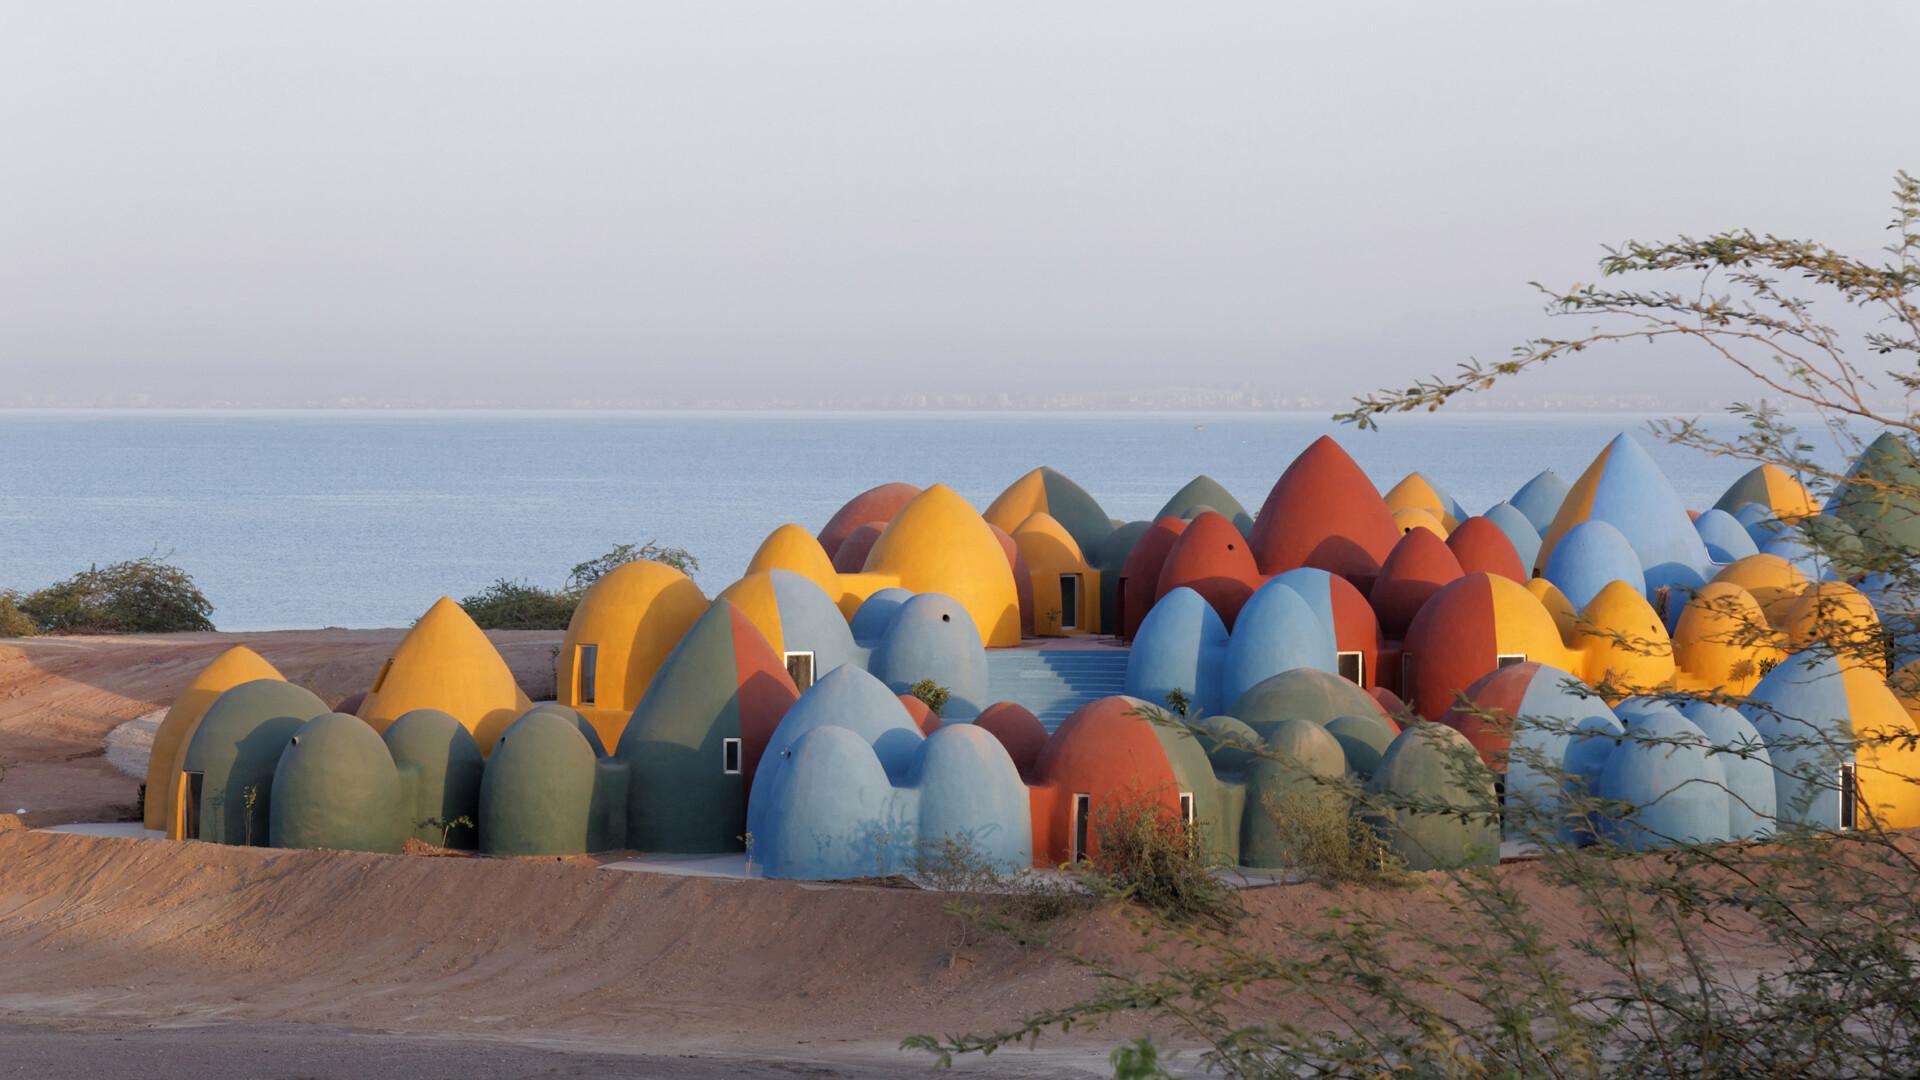 Architektura z misją: bajecznie kolorowy projekt Zav Architects